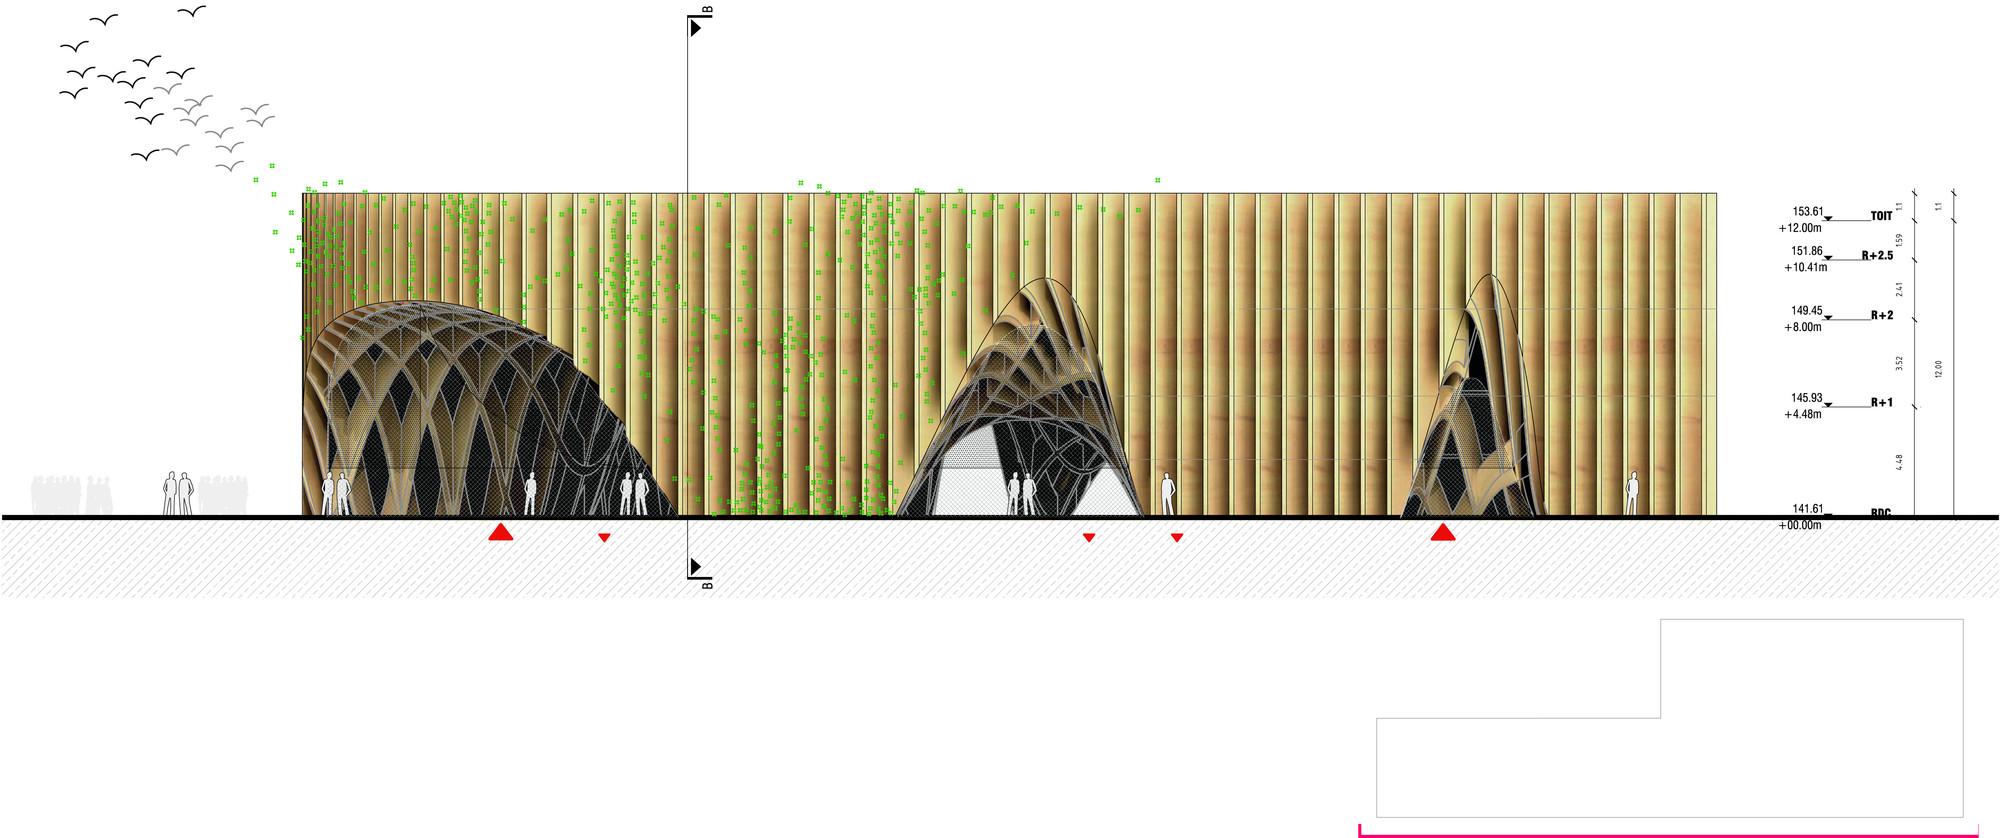 galeria de expo mil o 2015 pavilh o da fran a por x tu 17. Black Bedroom Furniture Sets. Home Design Ideas